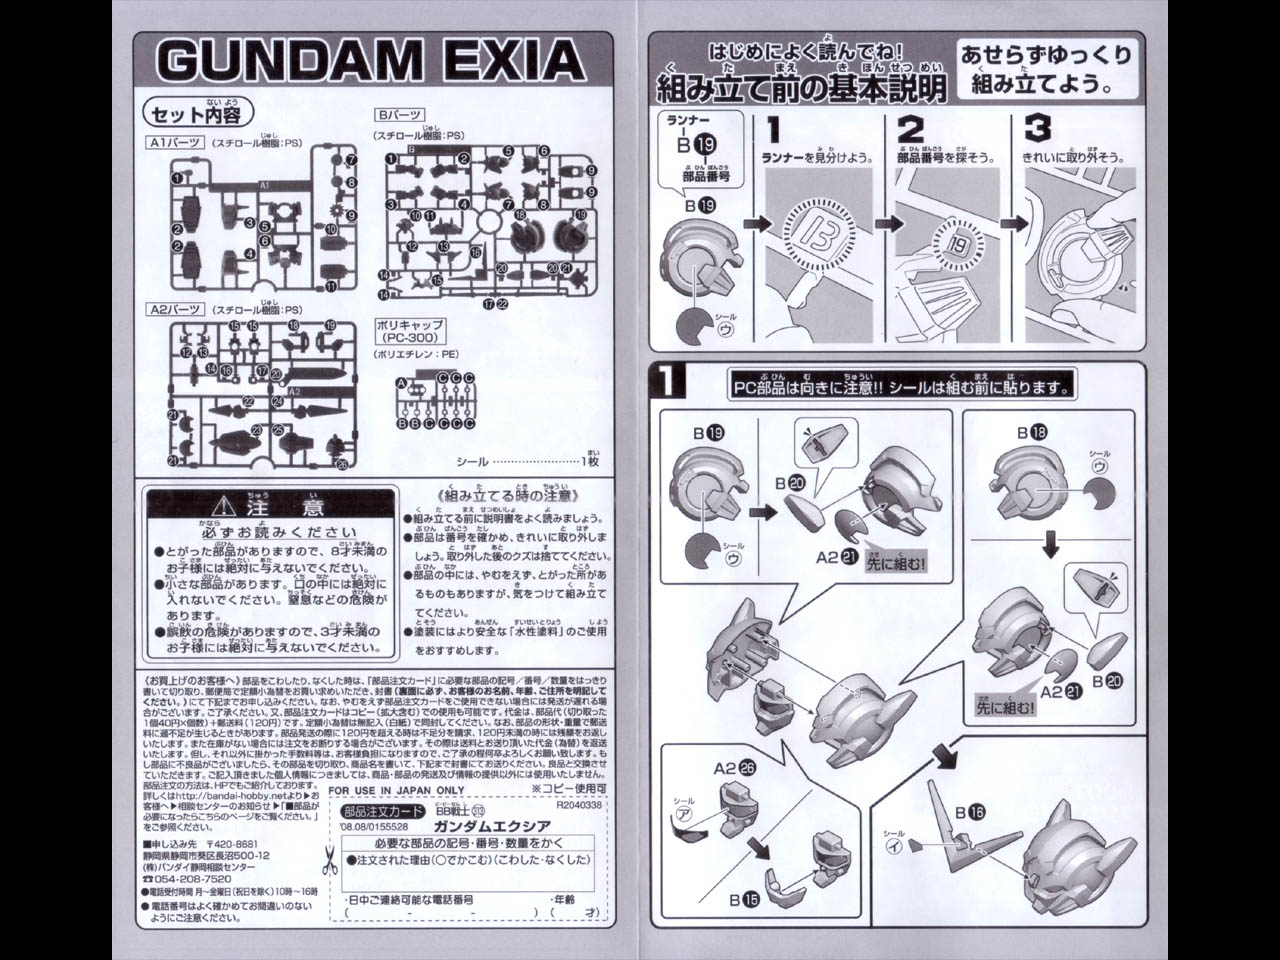 BB313_Gundam_Exia_08.jpg